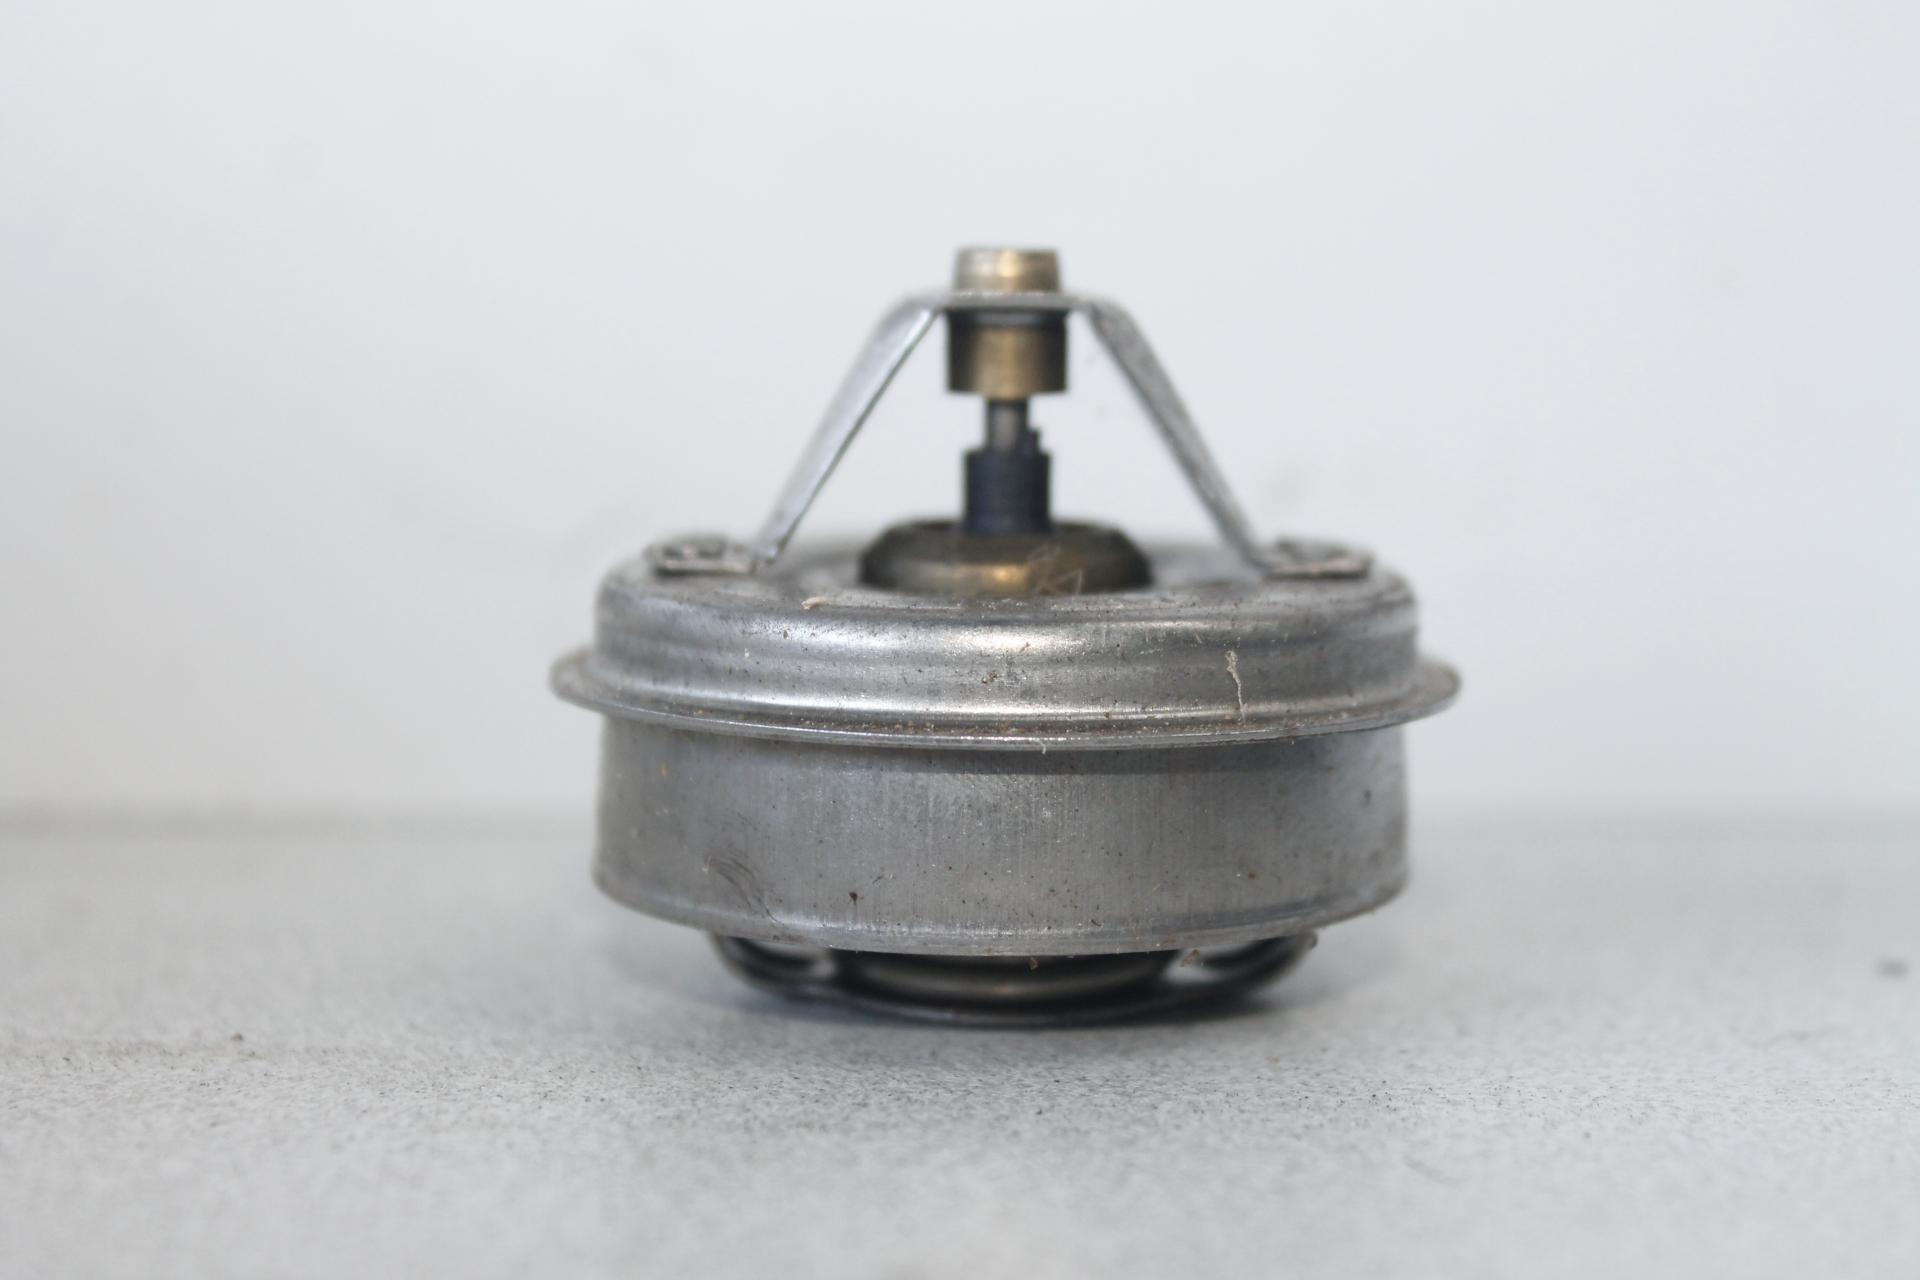 Termostato Perkins Motor 6354 y Ebro F108